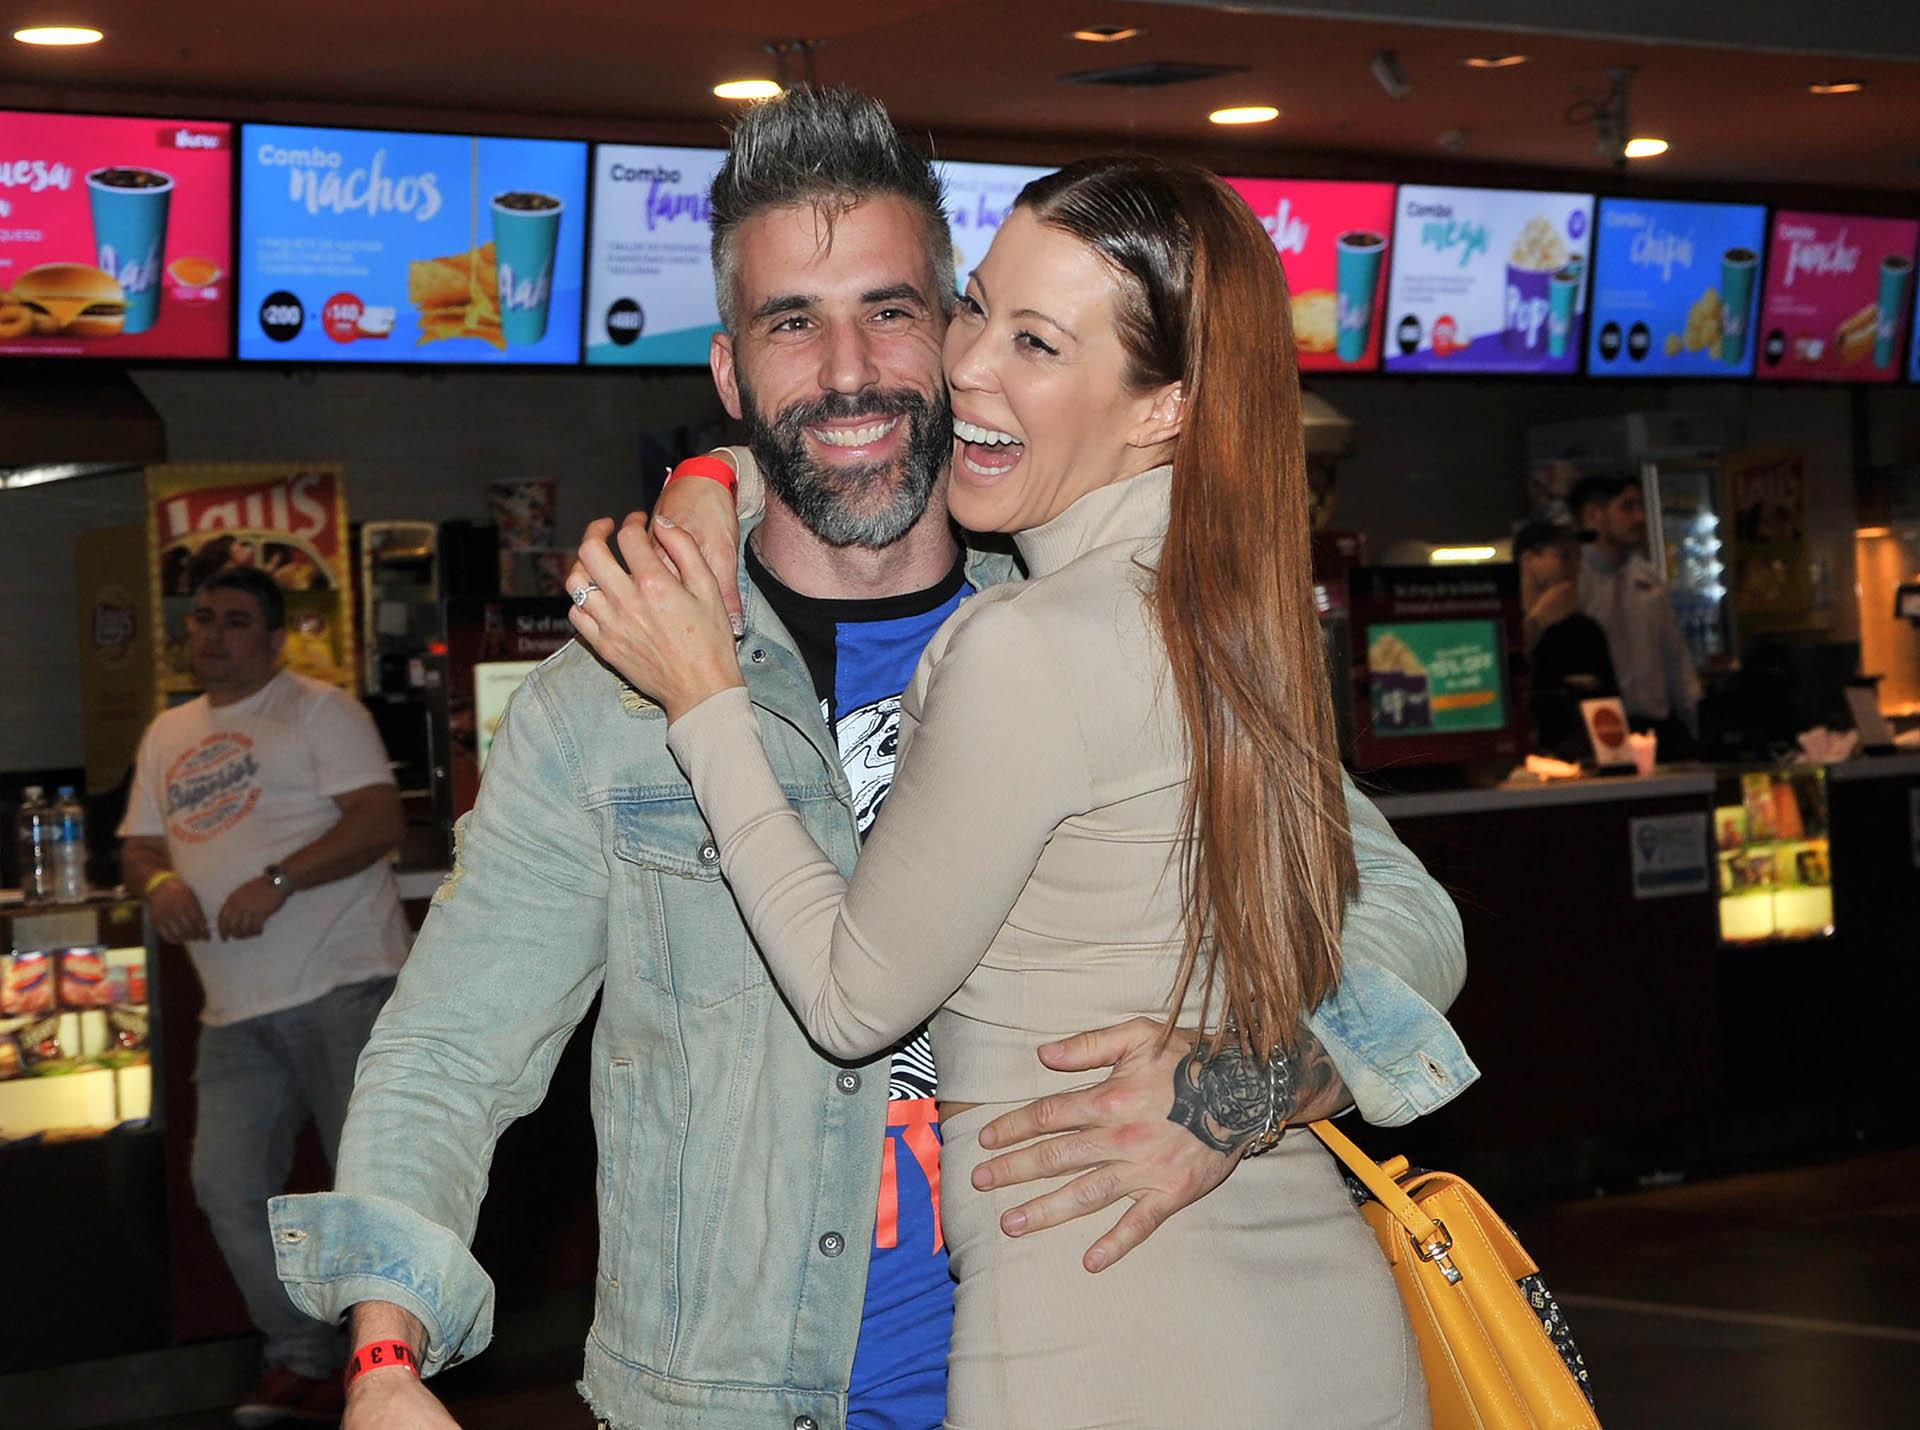 Miriam Lanzoni y su novio (Crédito: Vero Guerman/Teleshow)